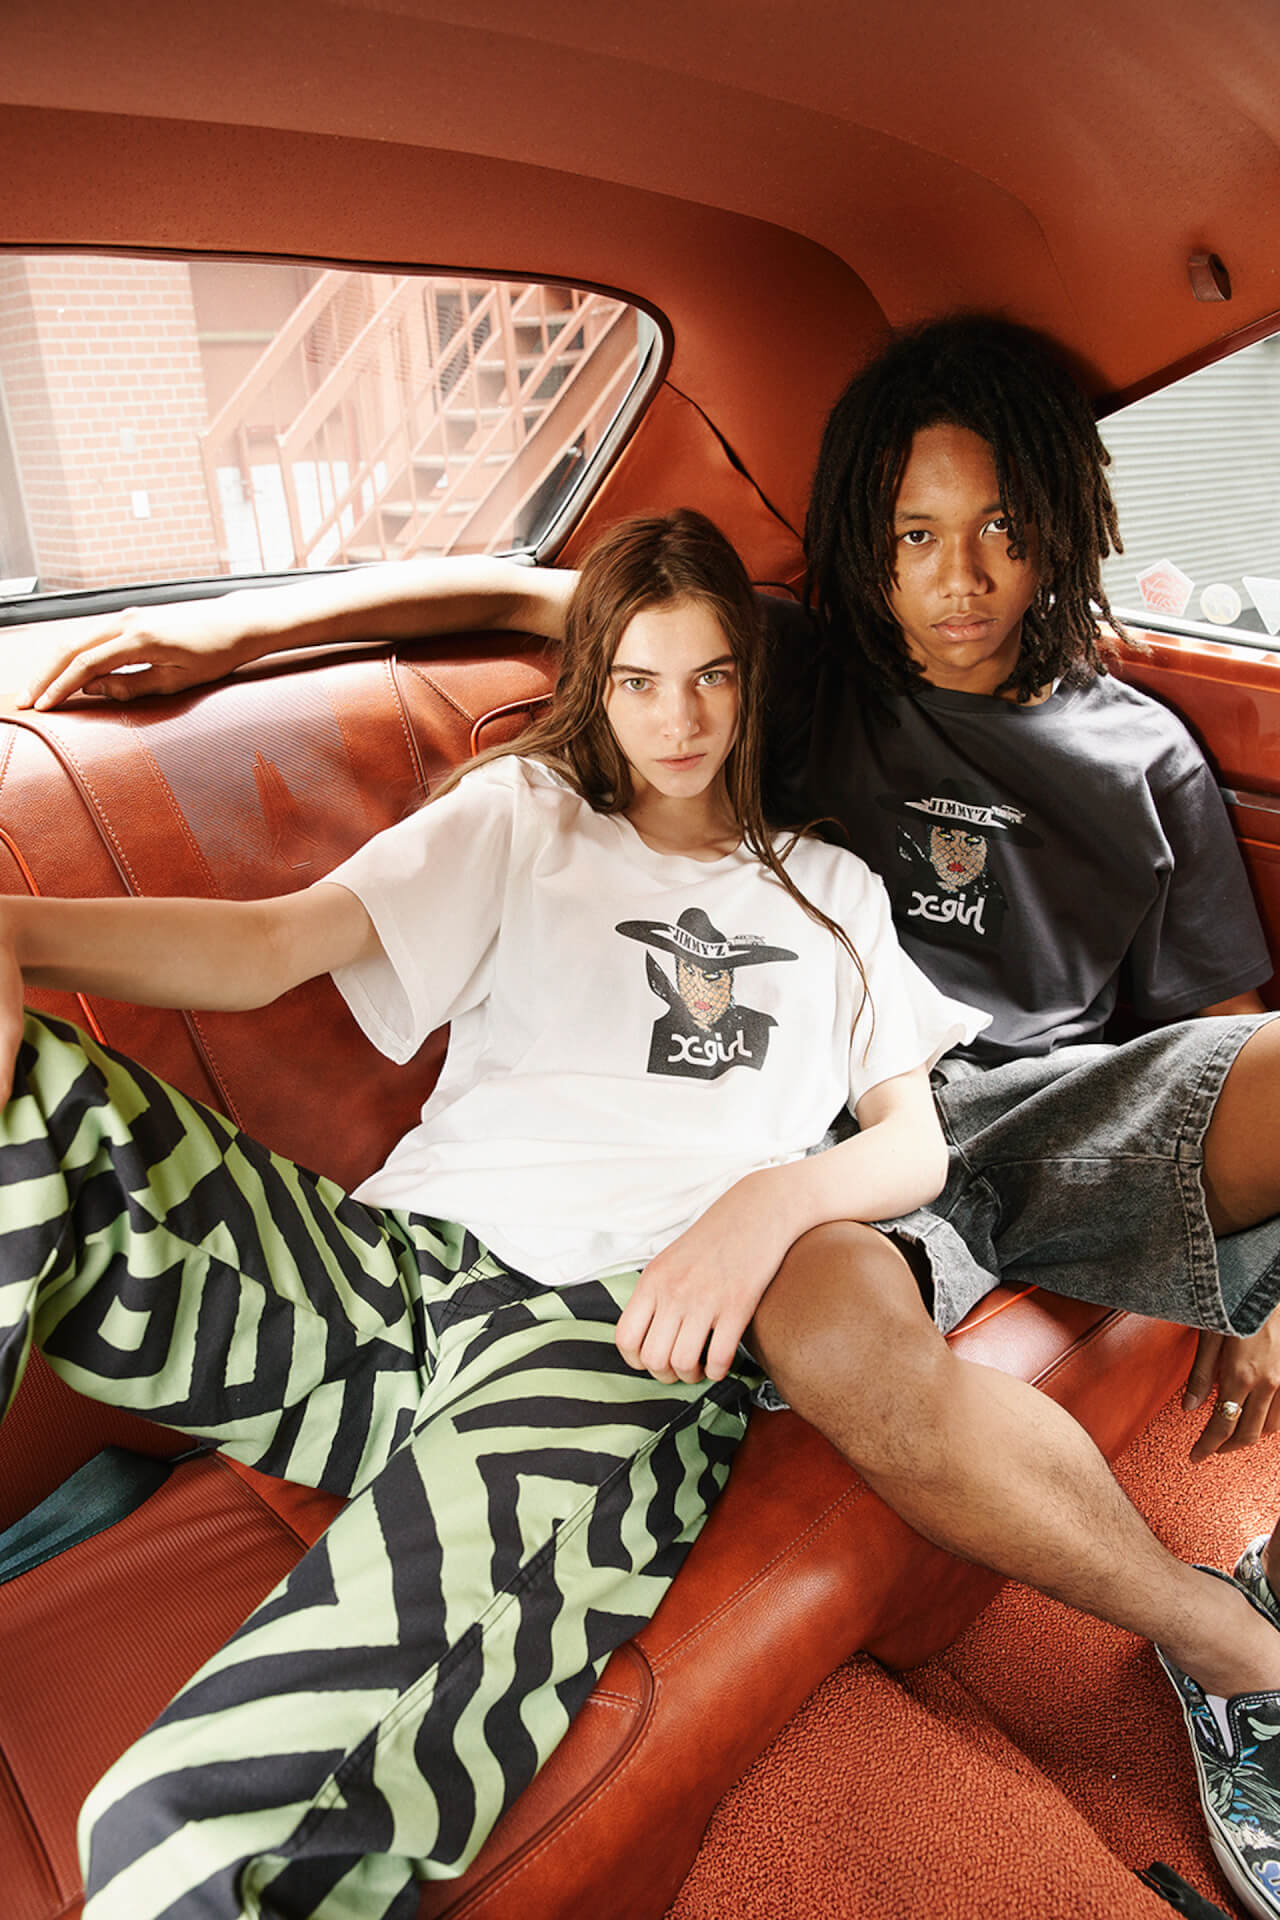 X-girlが南カリフォルニア発のサーフ&スケートブランドJIMMY'Zとのコラボコレクションを発表!先行予約開始中 life210607_jimmyz-x-girl_5